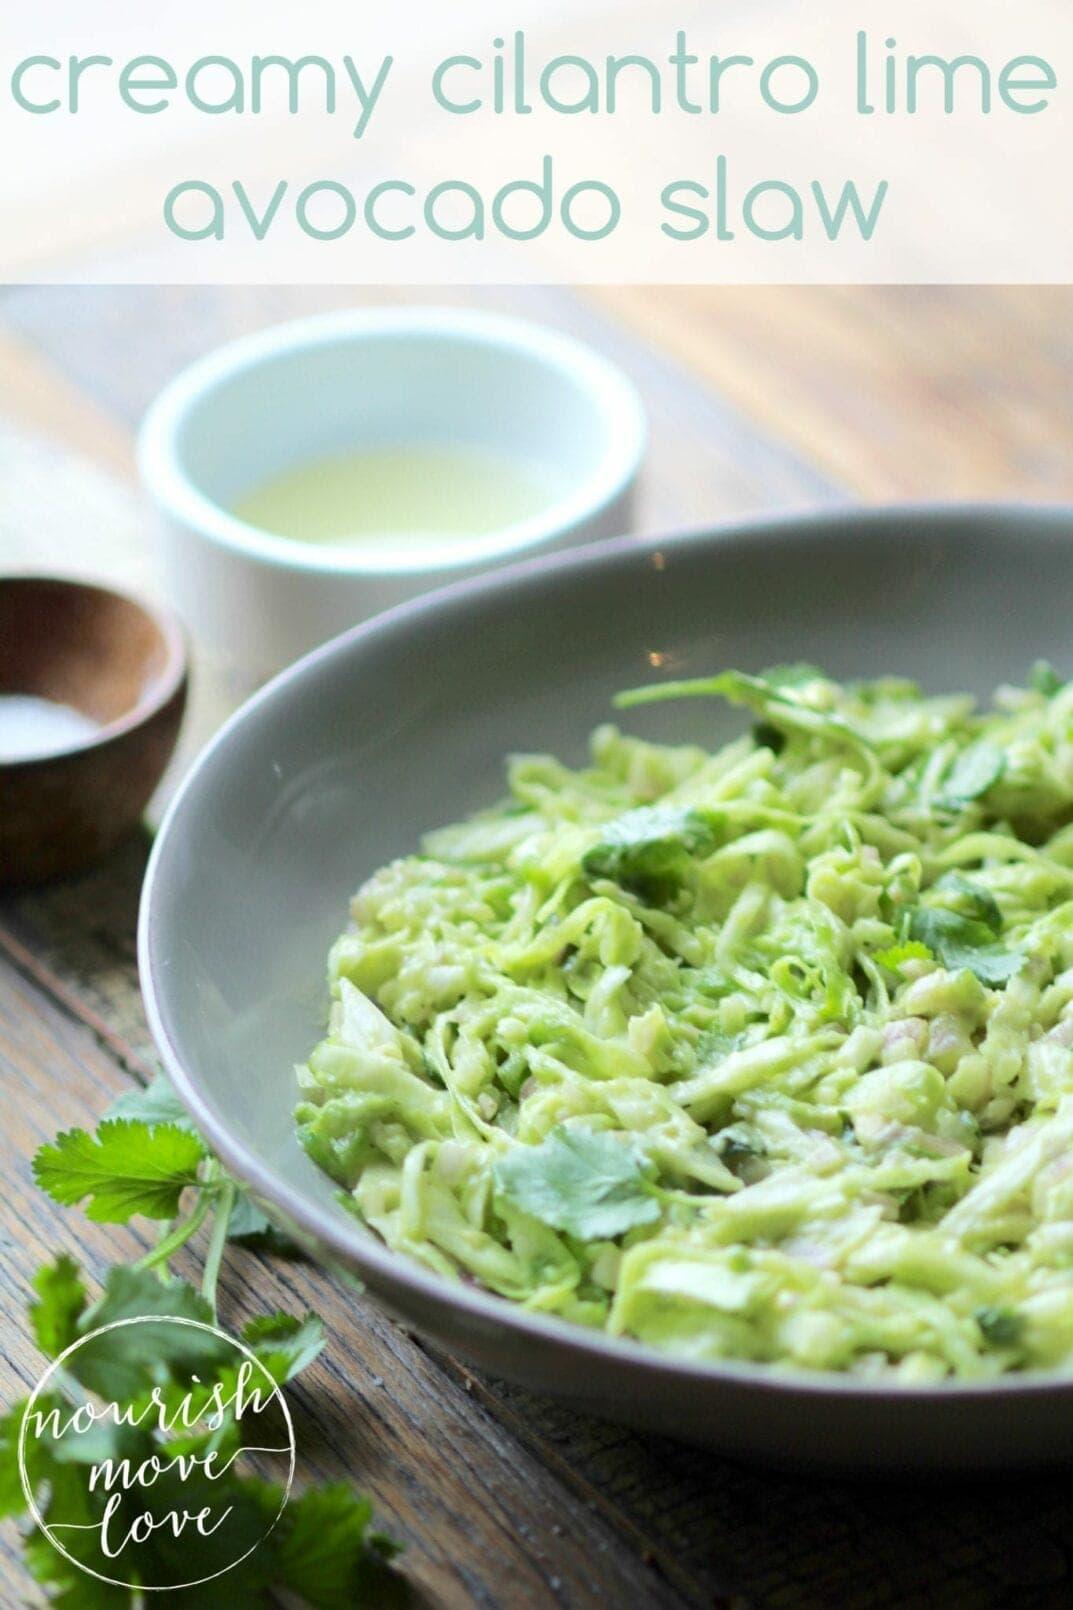 creamy cilantro lime avocado slaw | www.nourishmovelove.com